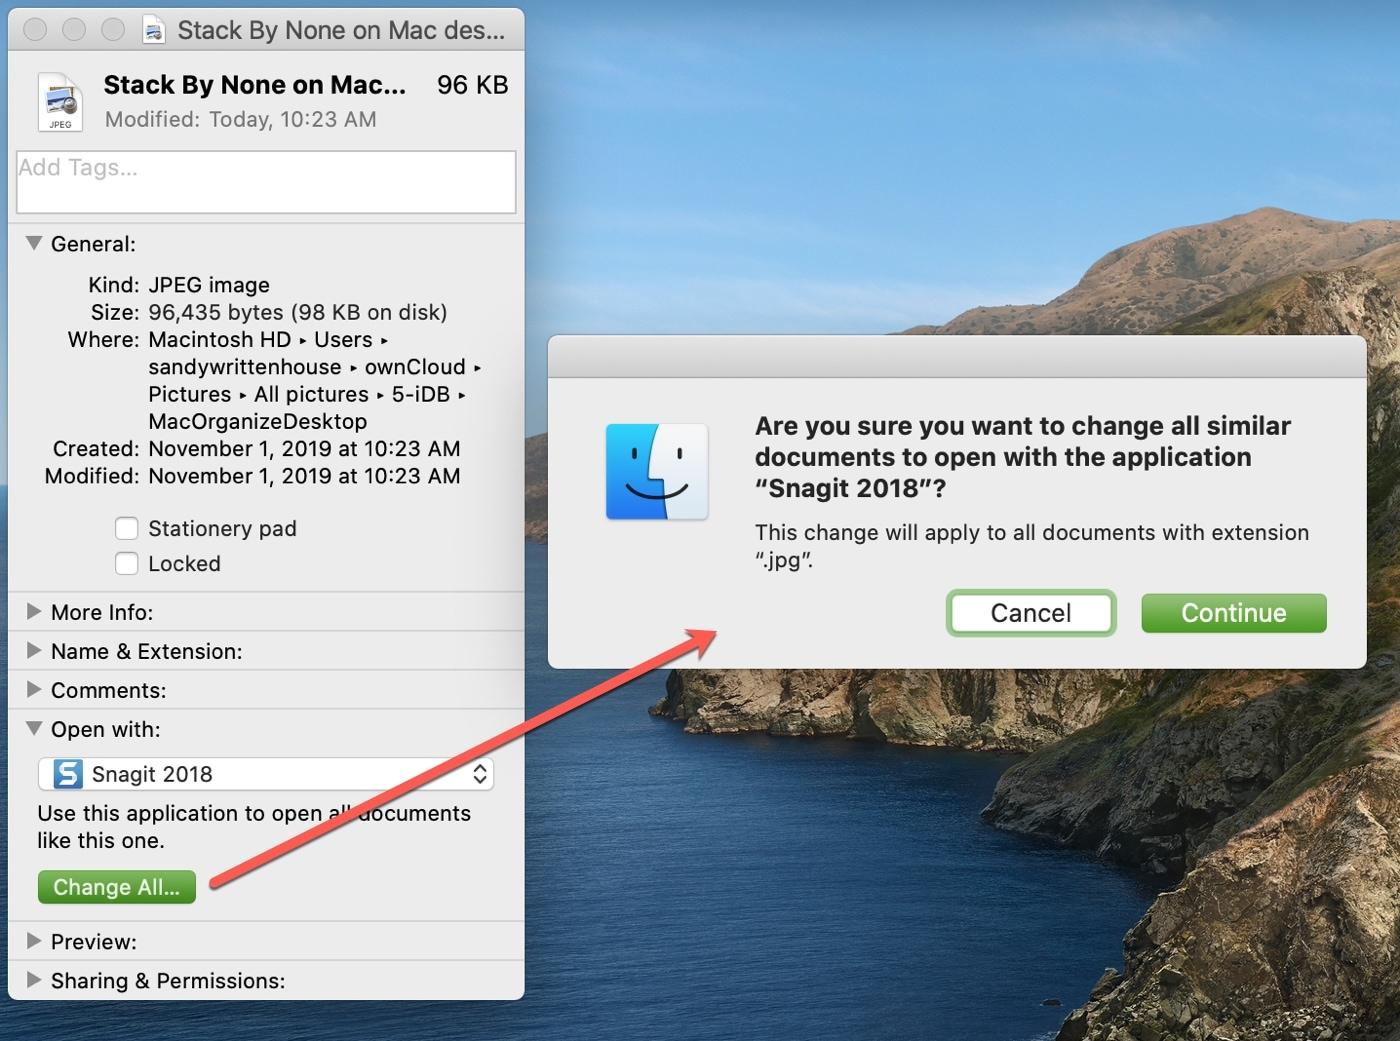 Cambiar todo en Mac